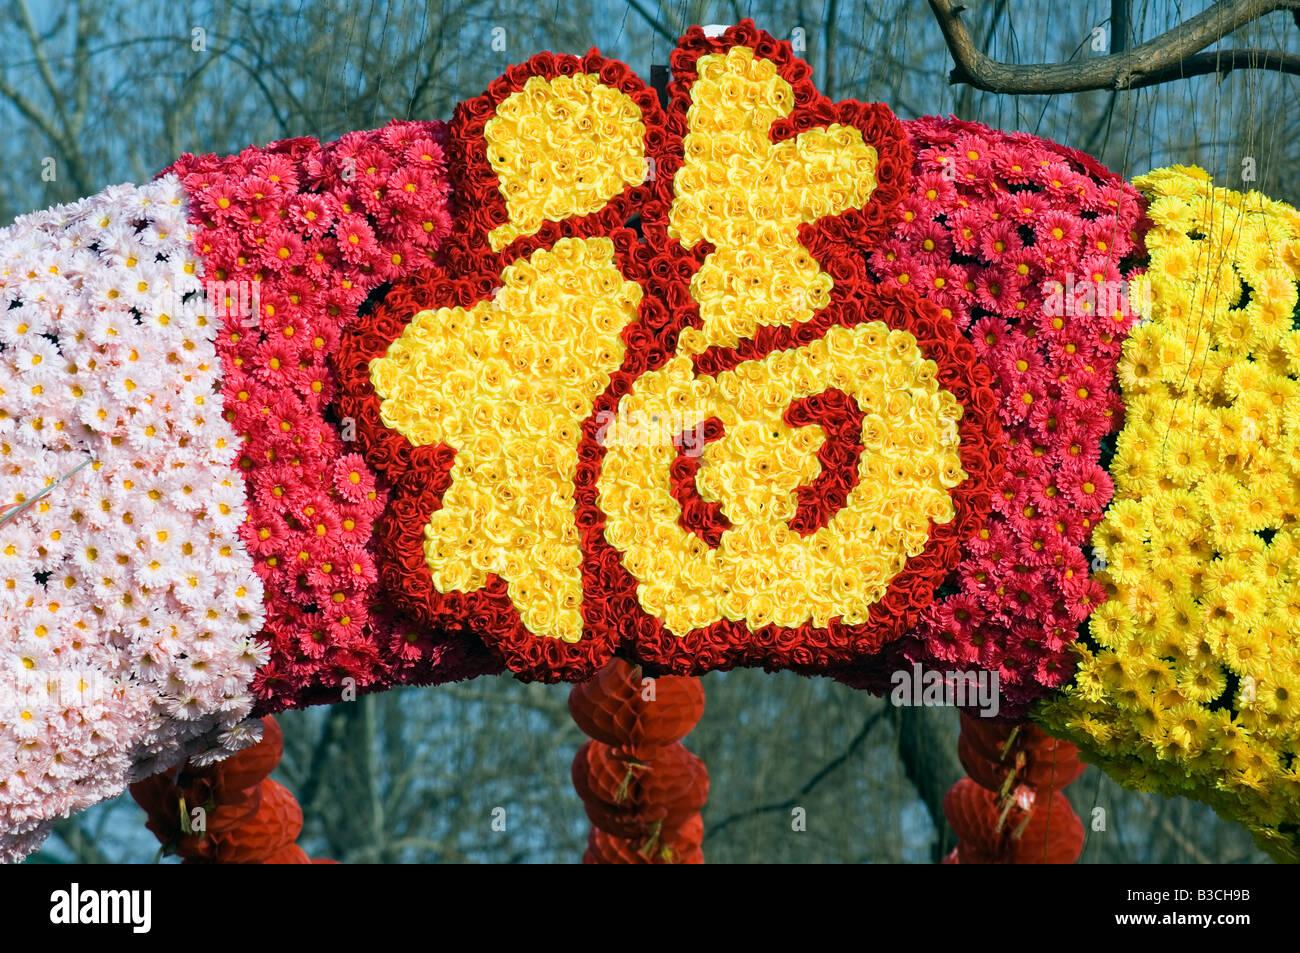 Temple Flower Decoration Festival Stock Photos & Temple Flower ...